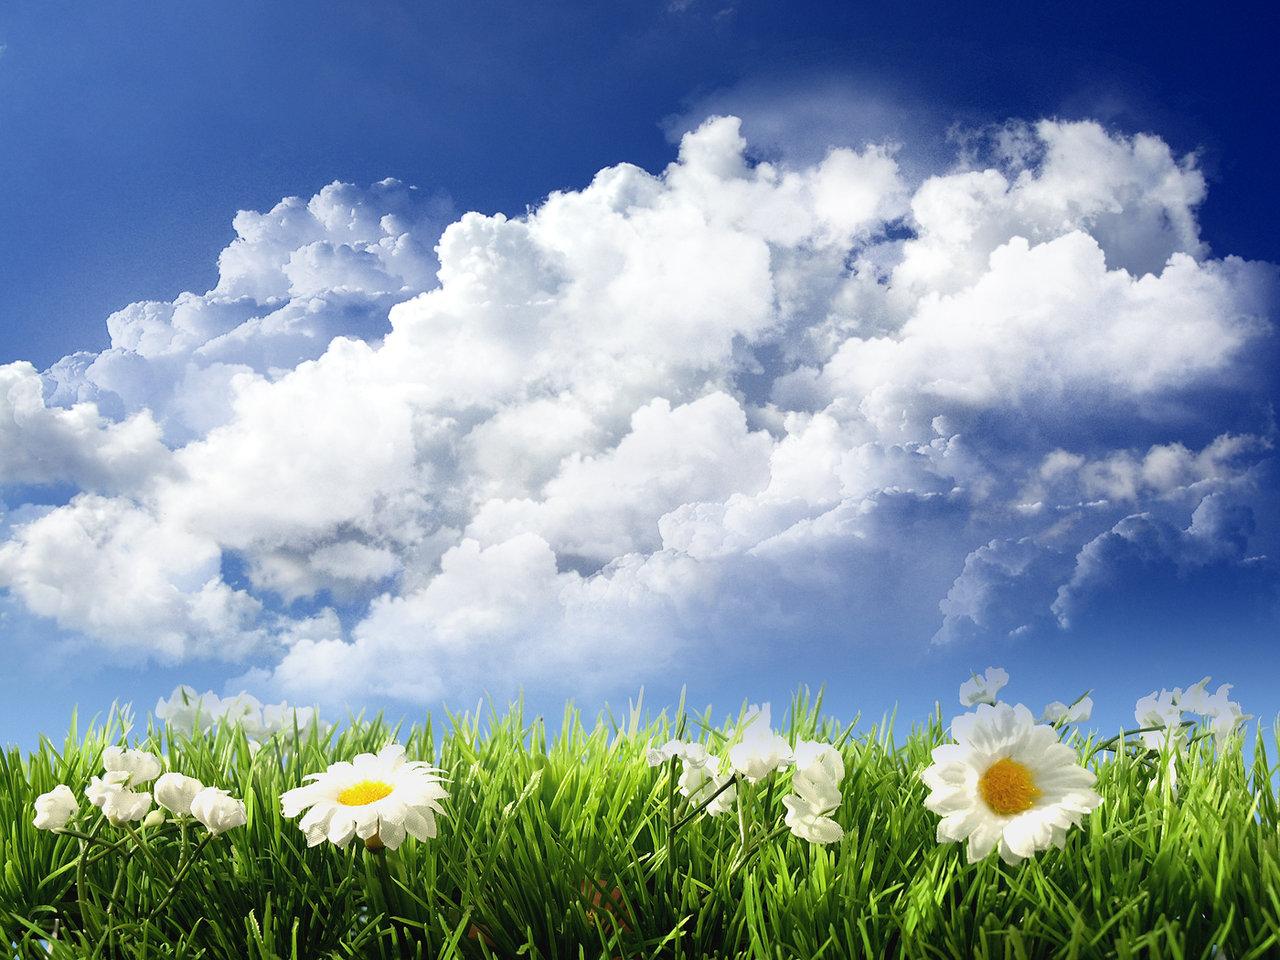 поле с цветами и синее небо, обои для рабочего стола, облака, скачать